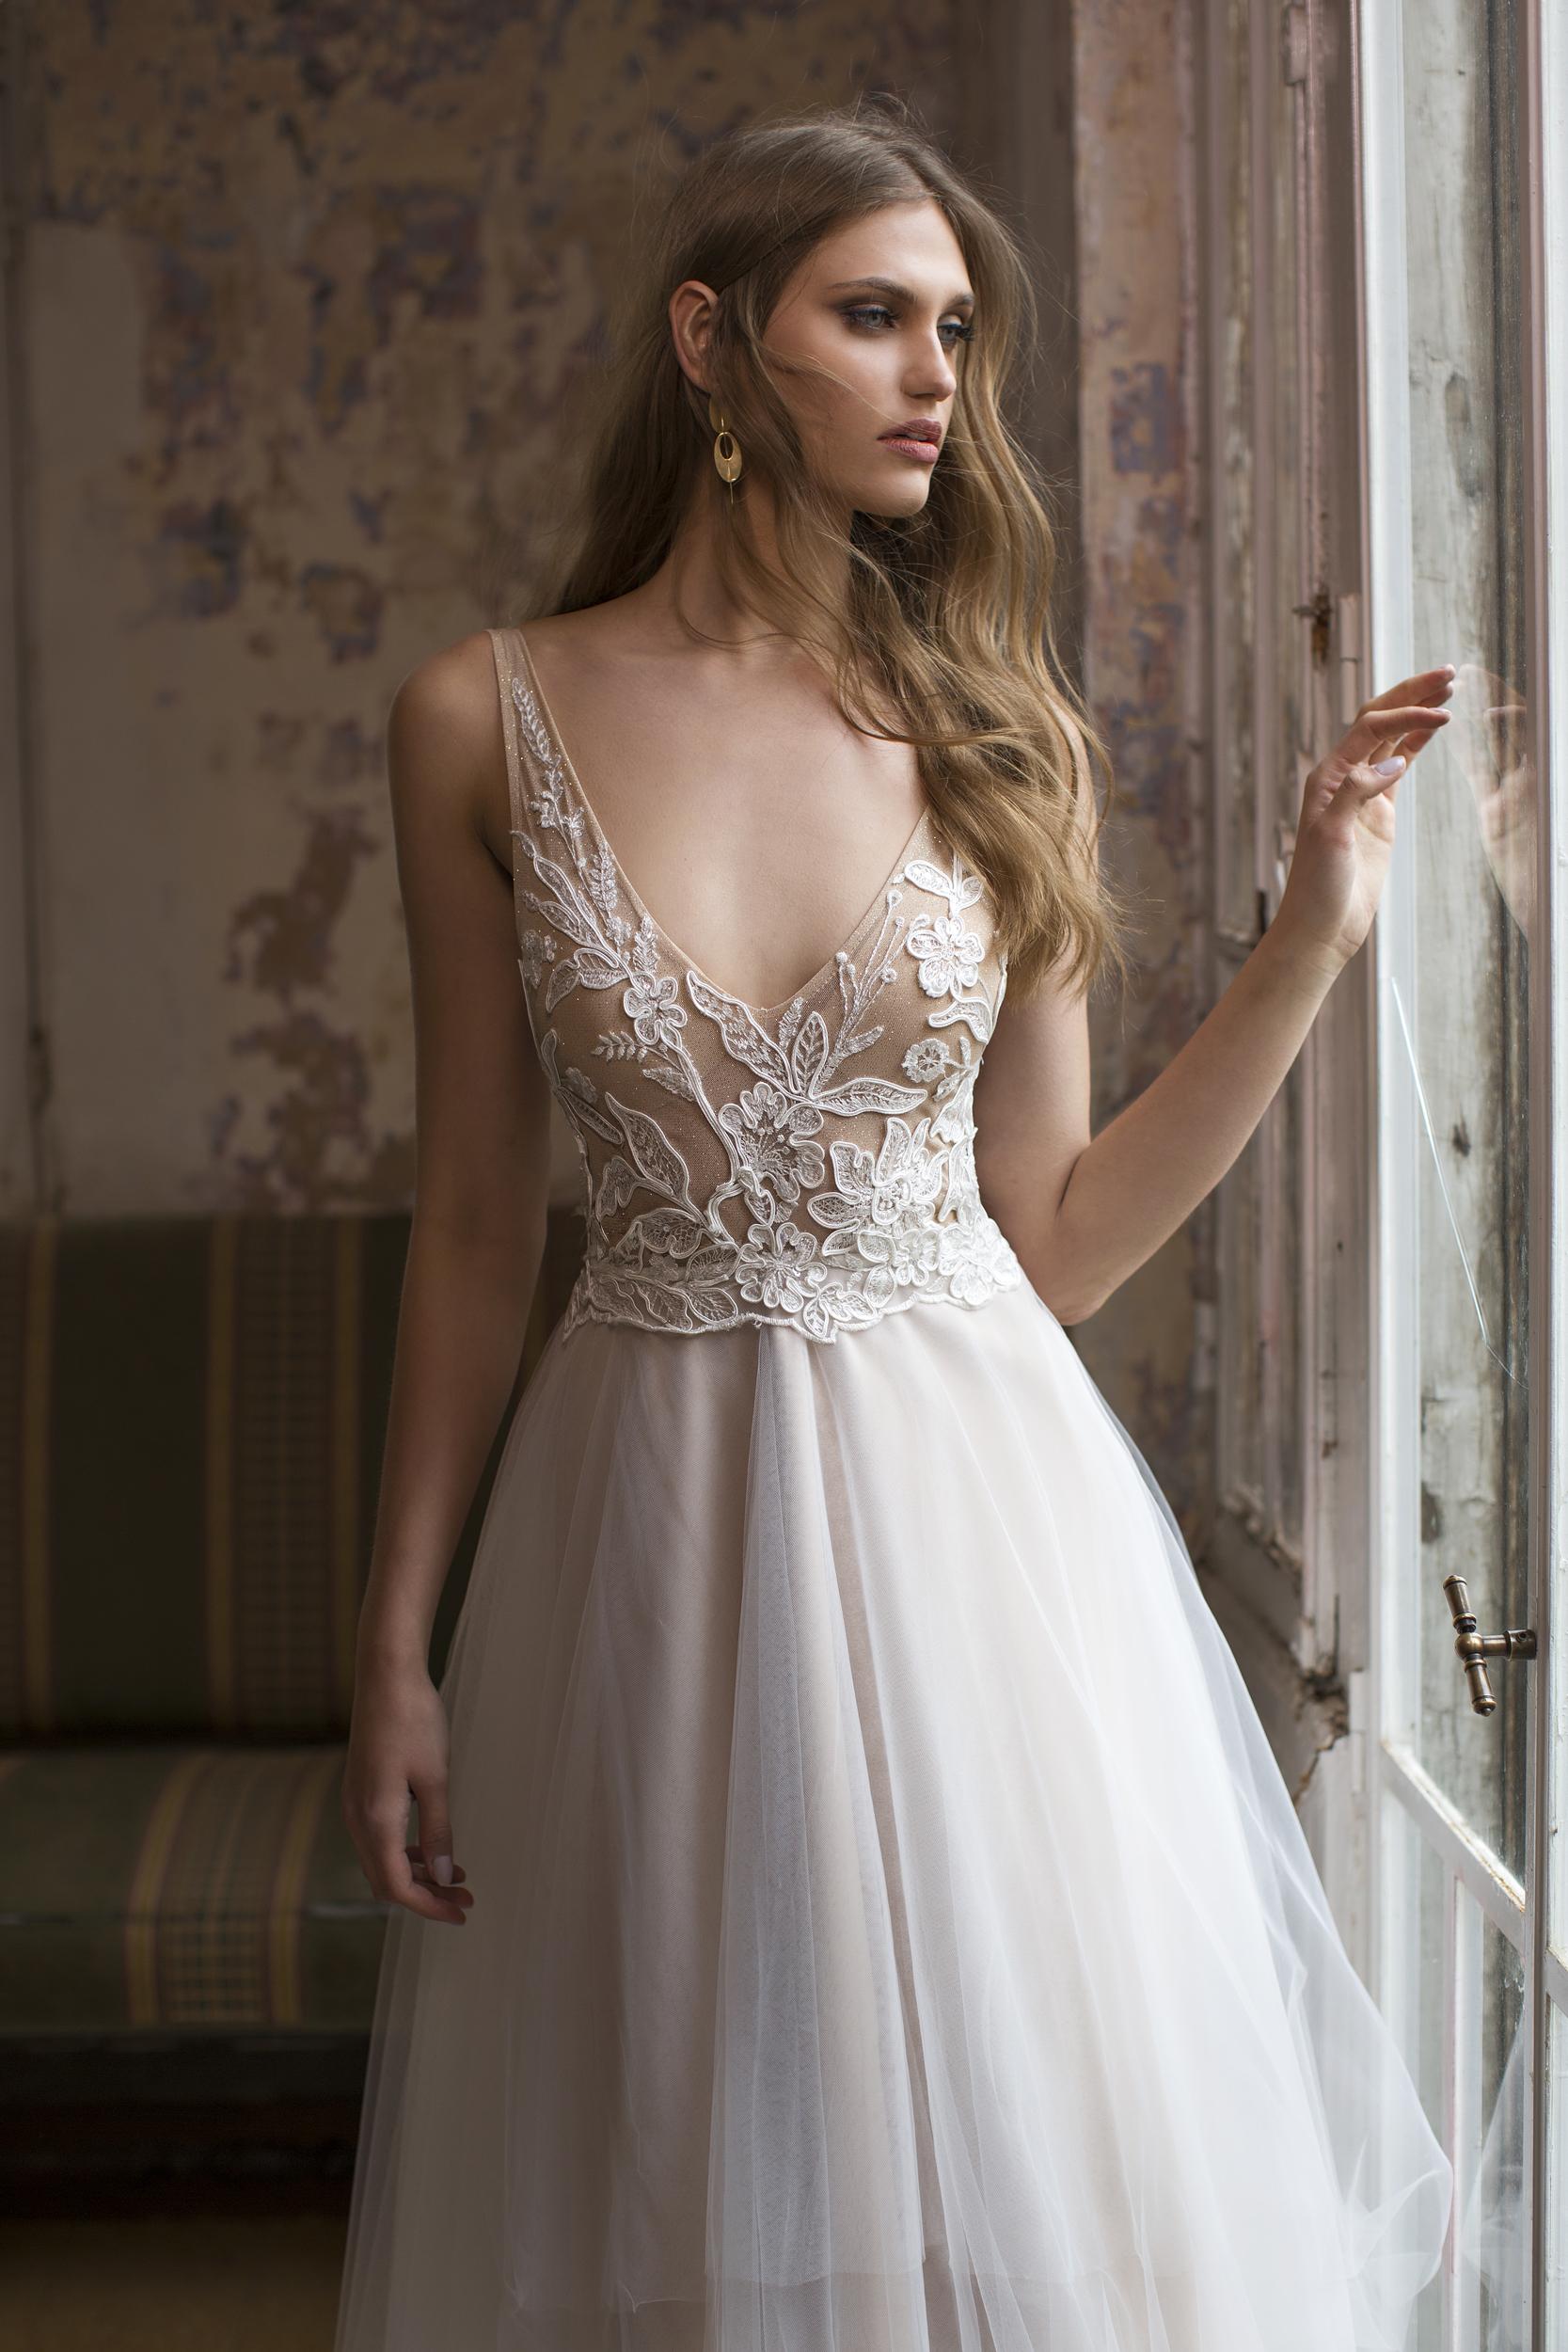 This Weekend Smart Brides 8 Discount Designer Wedding Dress Fair